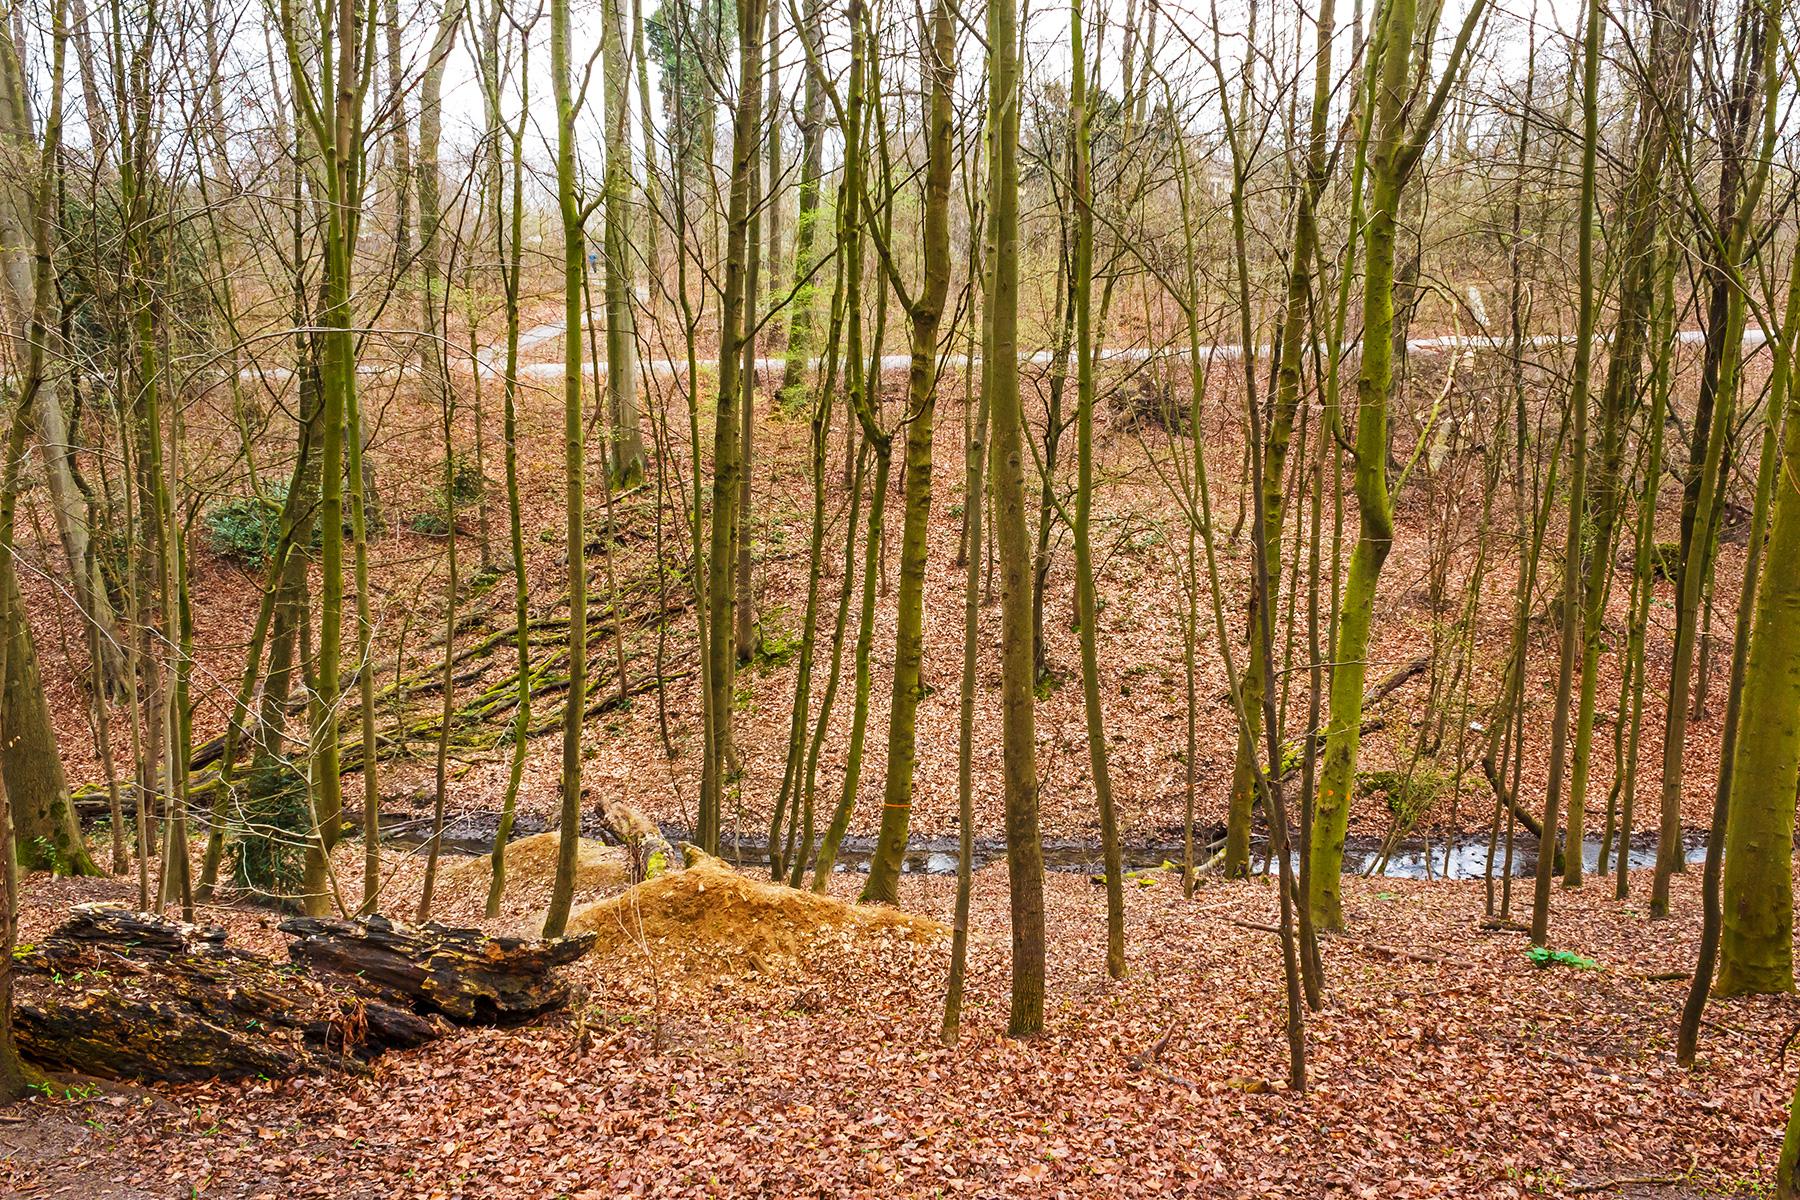 steriler, am Reißbrett geplanter Holzacker